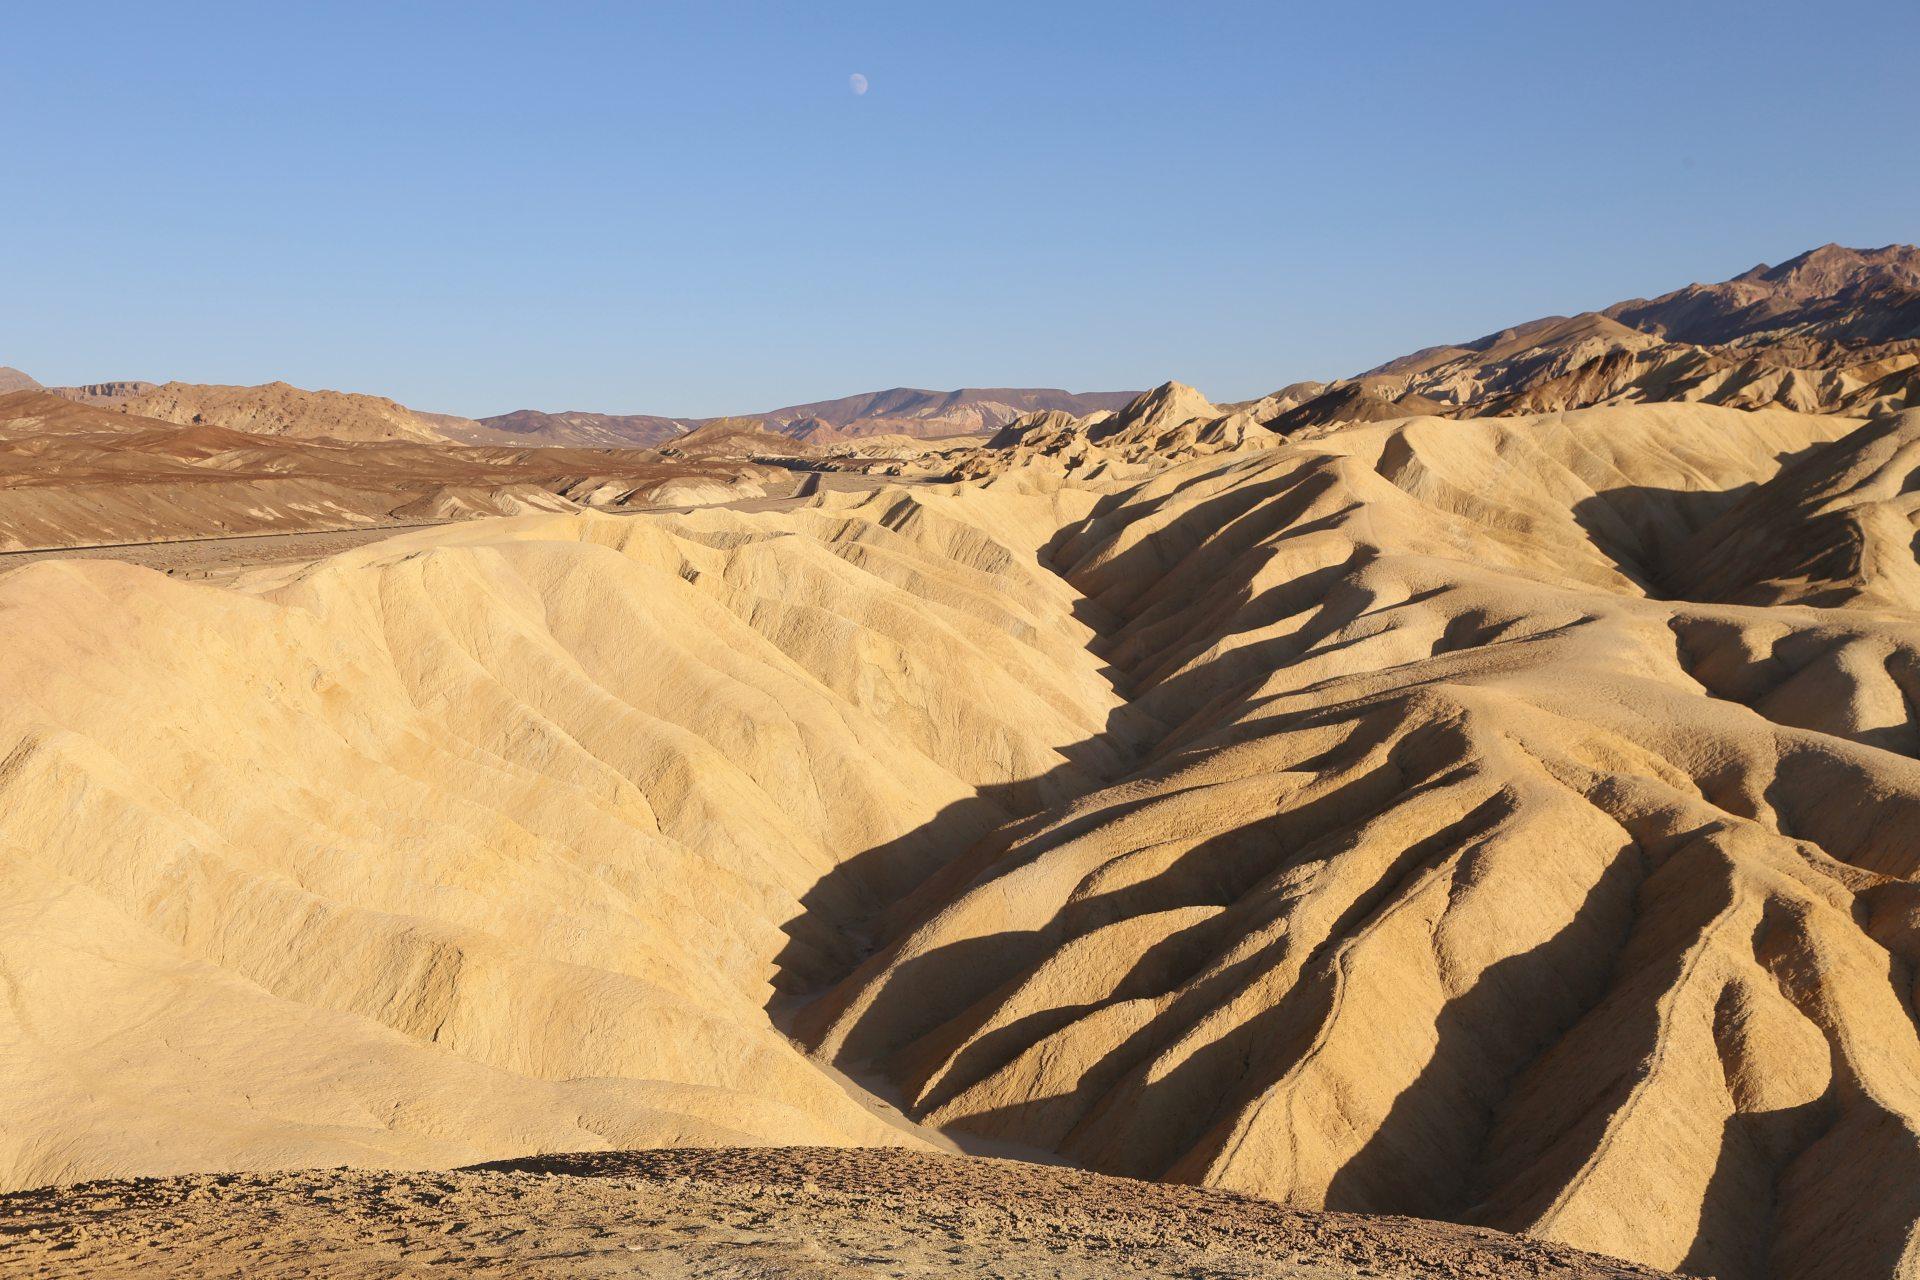 Zabriskie Point - eine Landschaft zum Verweilen - Death Valley National Park, Erosion, Gebirgszug, Gestein, Himmel, Kalifornien, Landschaft, Mojave-Wüste, Sandstein, Wüste, Zabriskie Point - (Furnace Creek, Death Valley, California, Vereinigte Staaten)